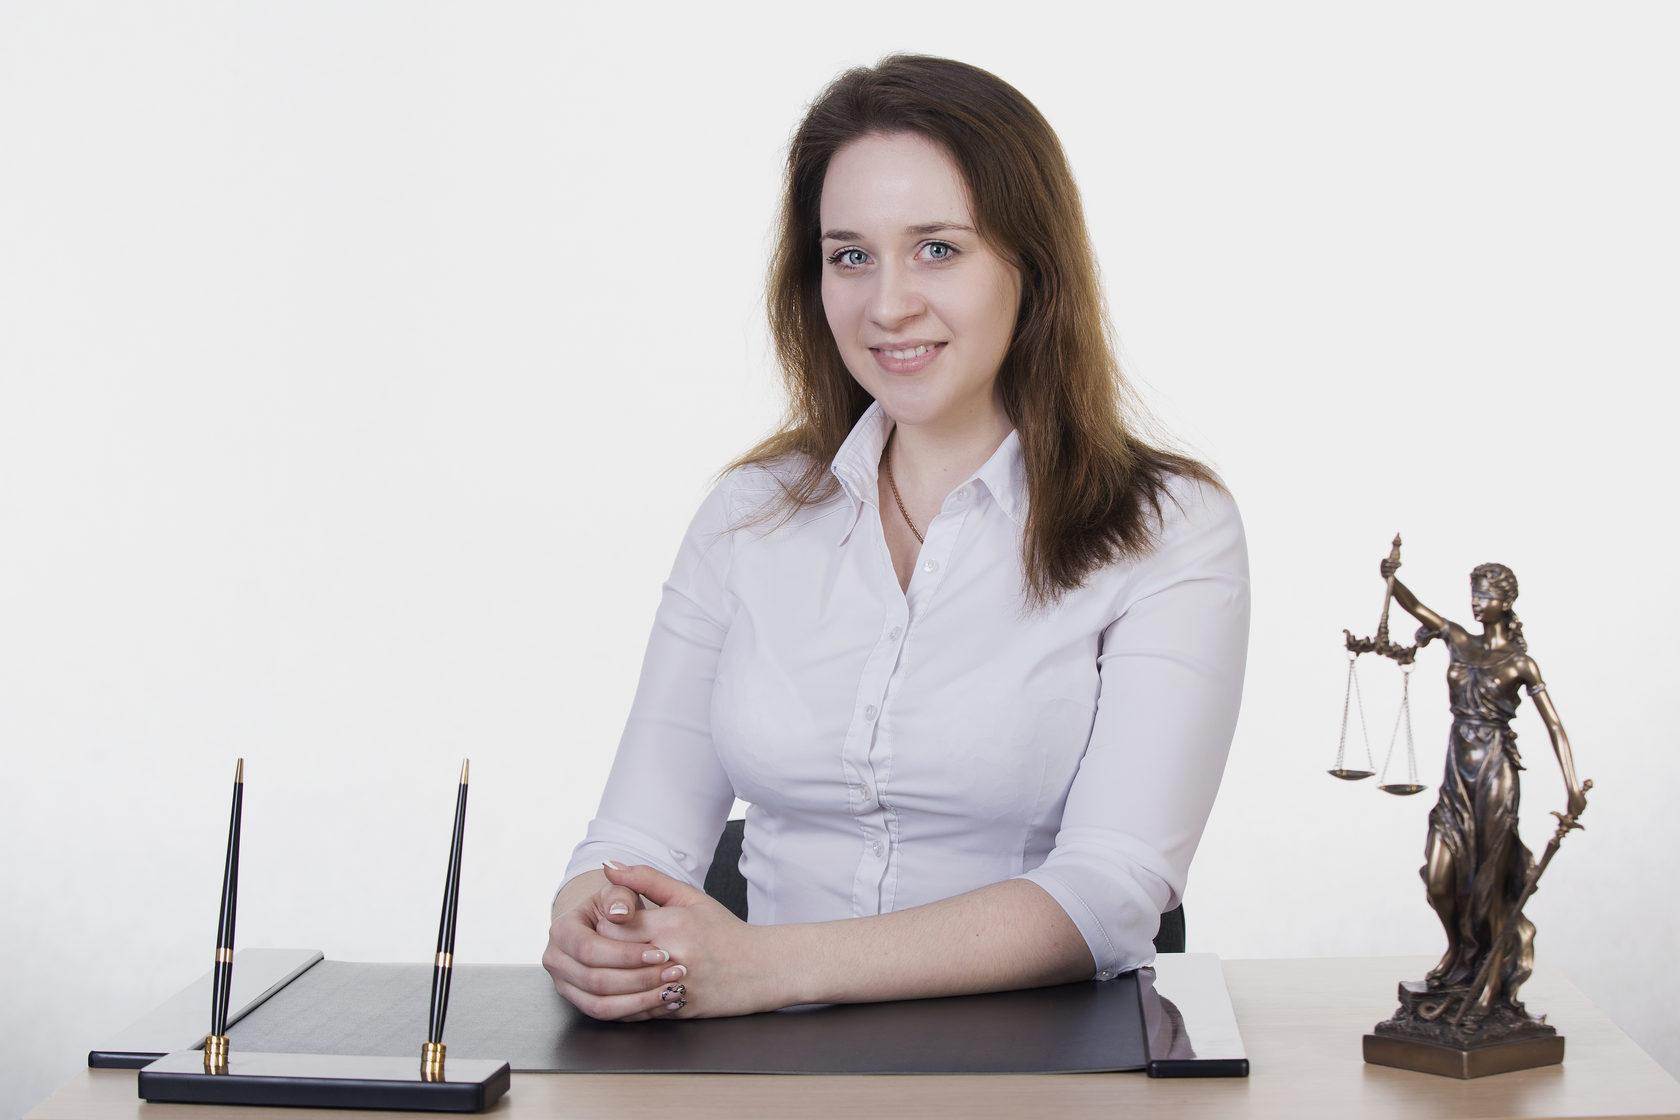 Профильный специалист объективно оценит состояние дел, разработает выигрышную стратегию и представит ваши интересы в судах санкт-петербурга.